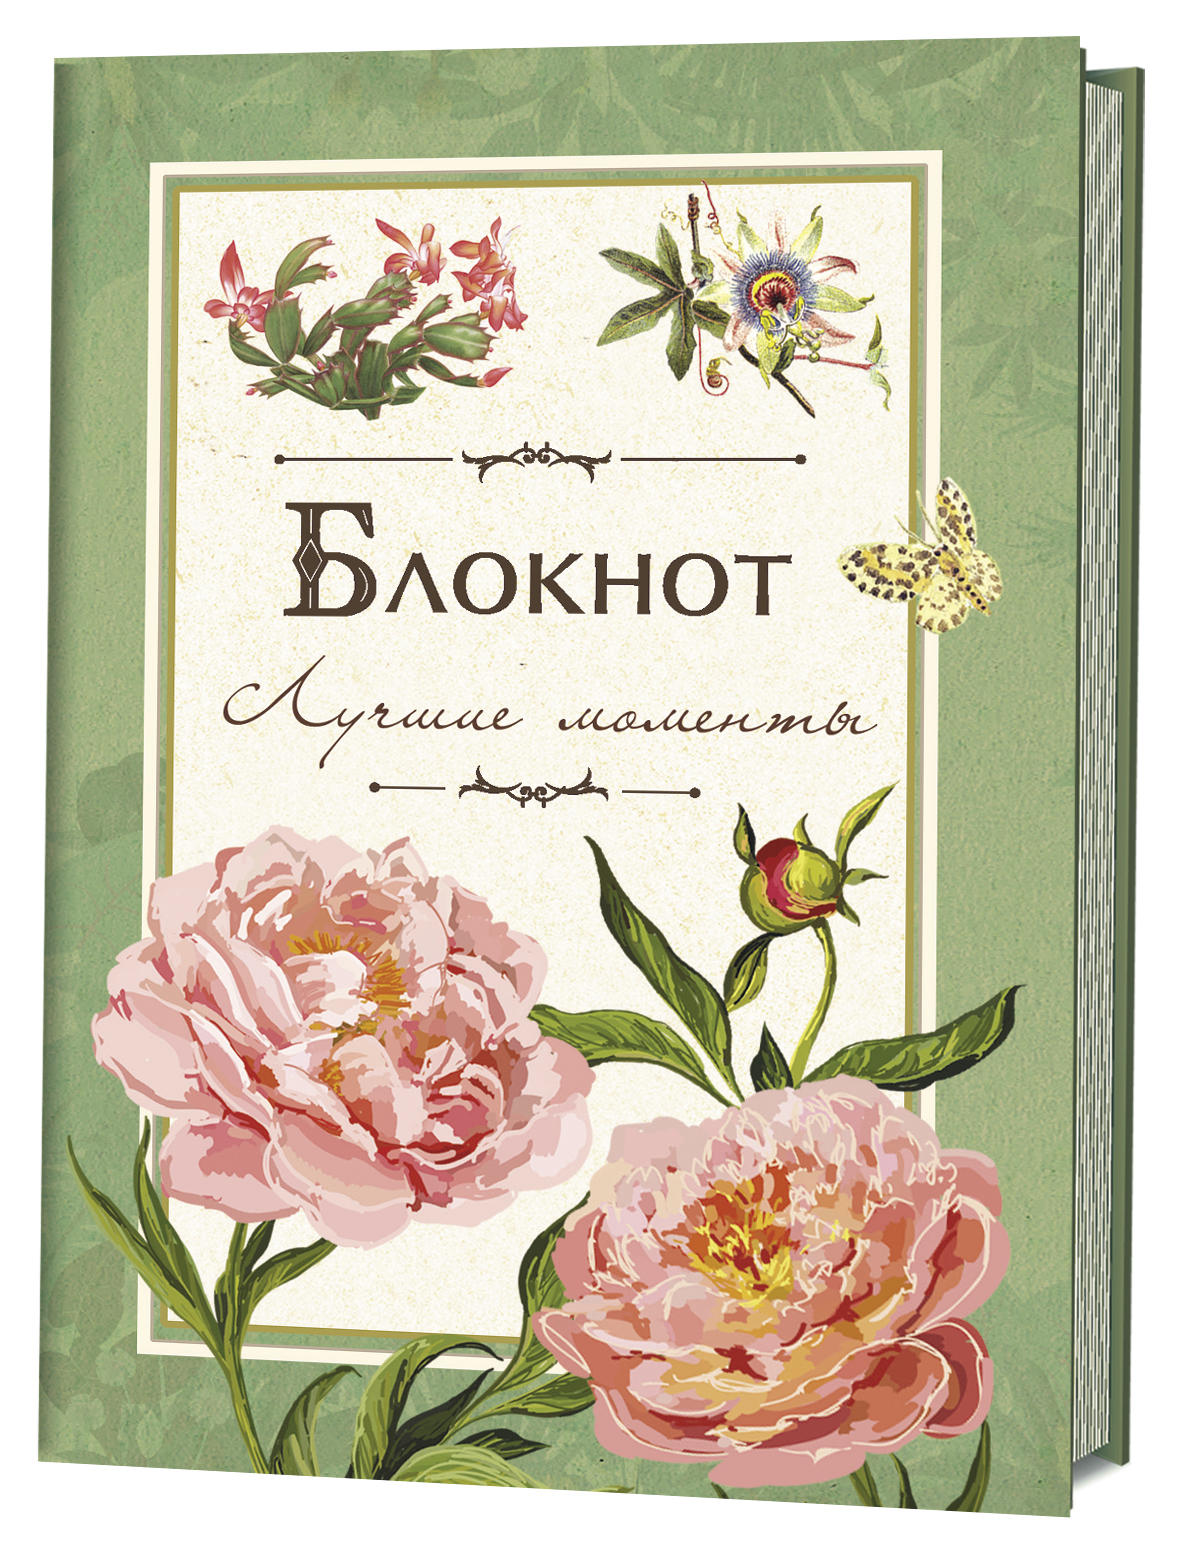 Блокнот Лучшие моменты (зеленый)95086734(-)• огромная популярность ботанической иллюстрации; • хорошо смотрится в комплекте с еженедельником «Лучший год моей жизни» • стильные изображения; • красивое художественное оформление; • удобный формат; • УФ-лак на обложке; • кругленые уголки обложки и блока; • издание для широкой аудитории. • 32 страницы (64 листа, формат А6 4 вида оформления обложек, блок единый.